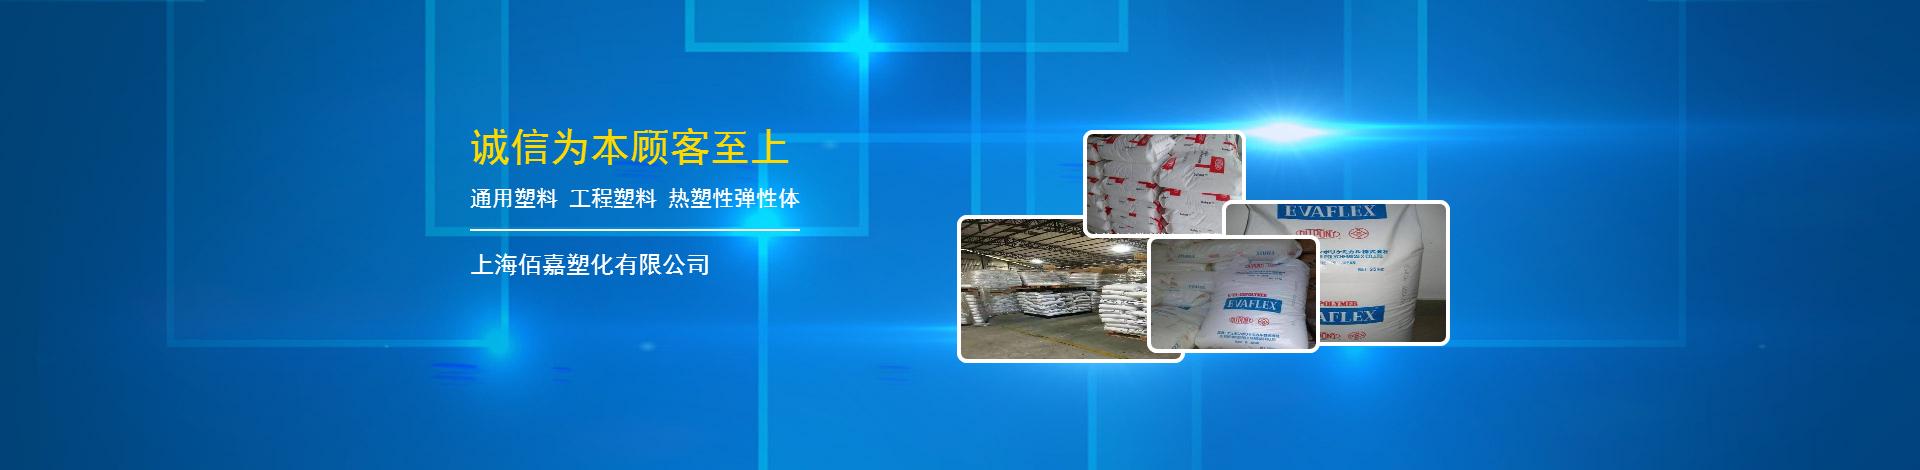 上海佰嘉塑化有限公司